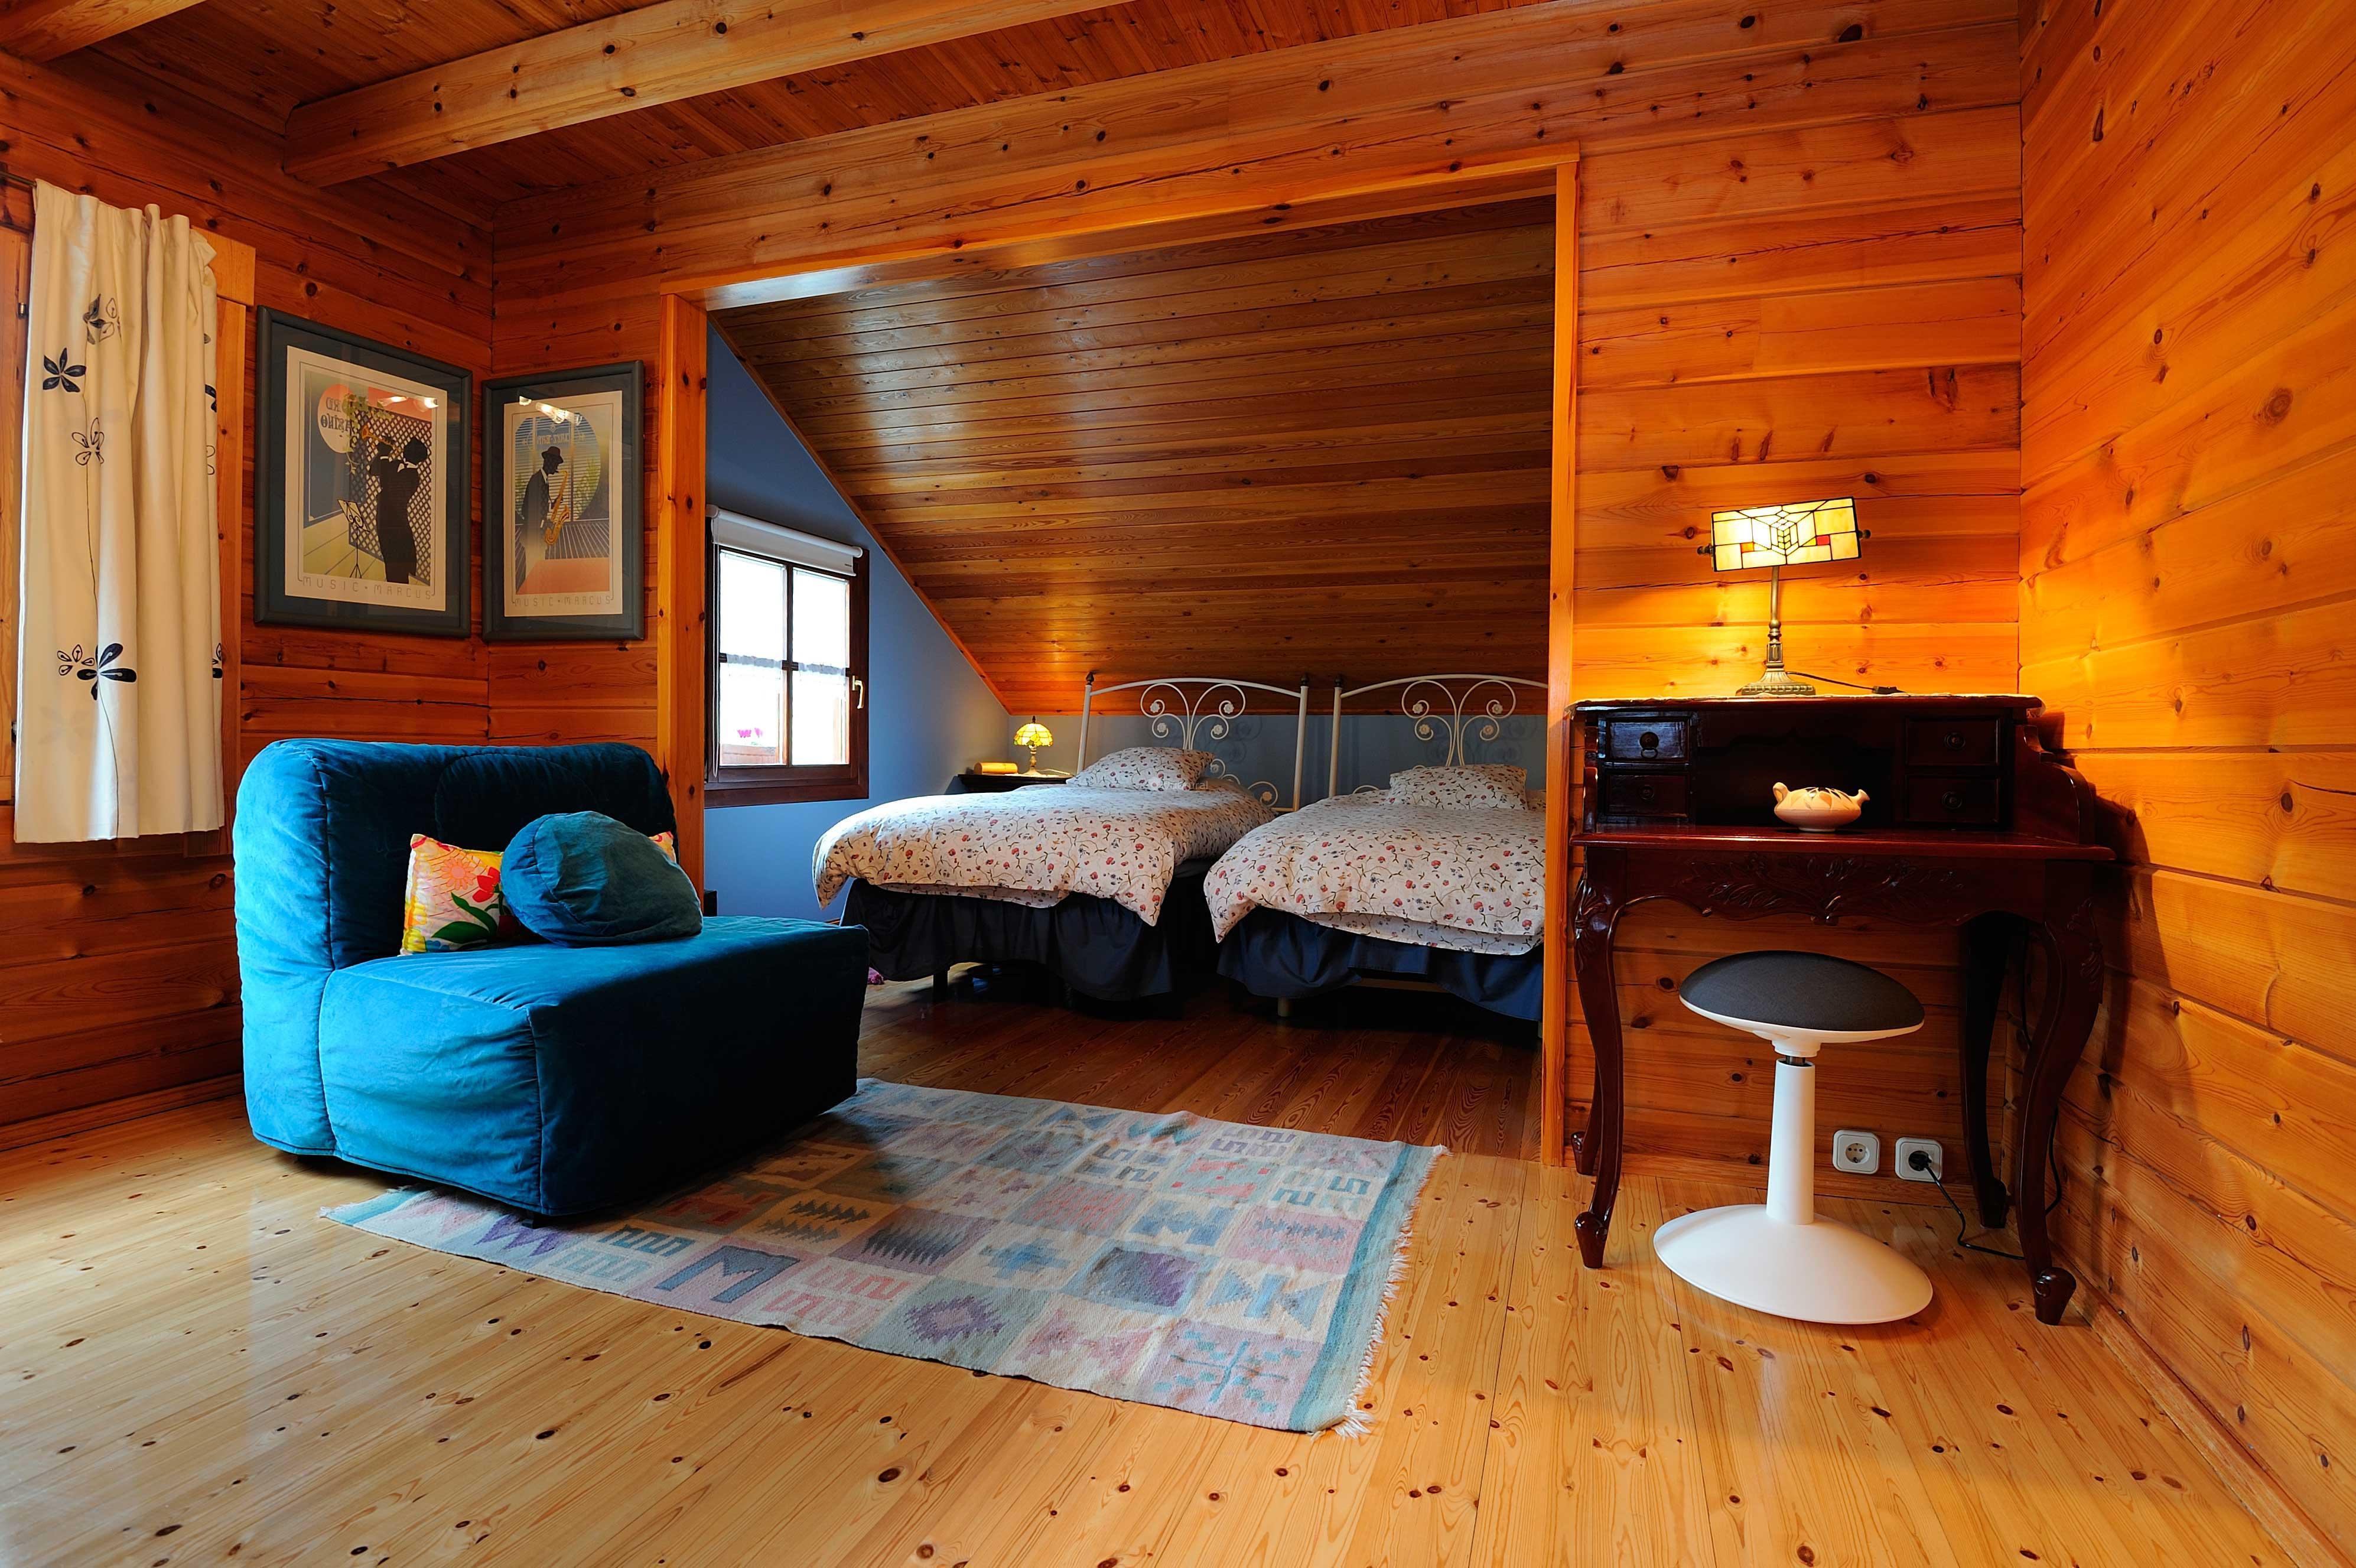 Fotos de la casa de madera vizcaya arrieta clubrural - Fotos de bungalows de madera ...